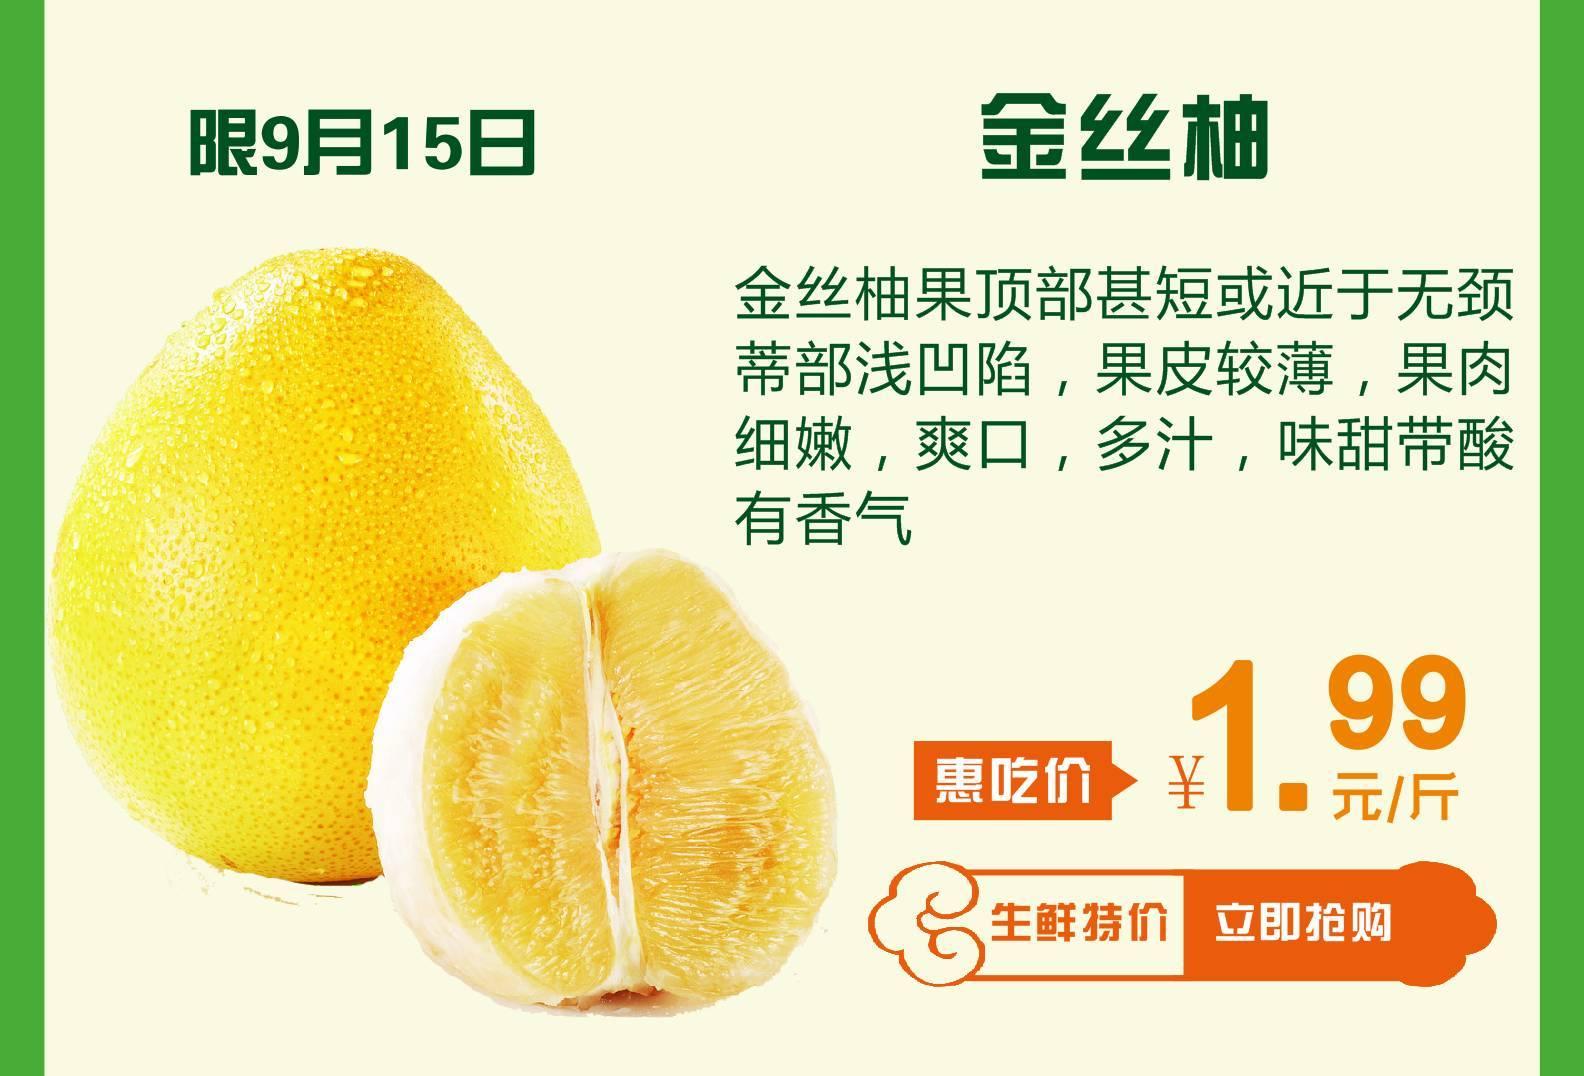 生活助手   剥橙子不脏手的诀窍   剥橙子前先滚一滚,然后从橙子中间横刀把皮切开,不要切到果肉.